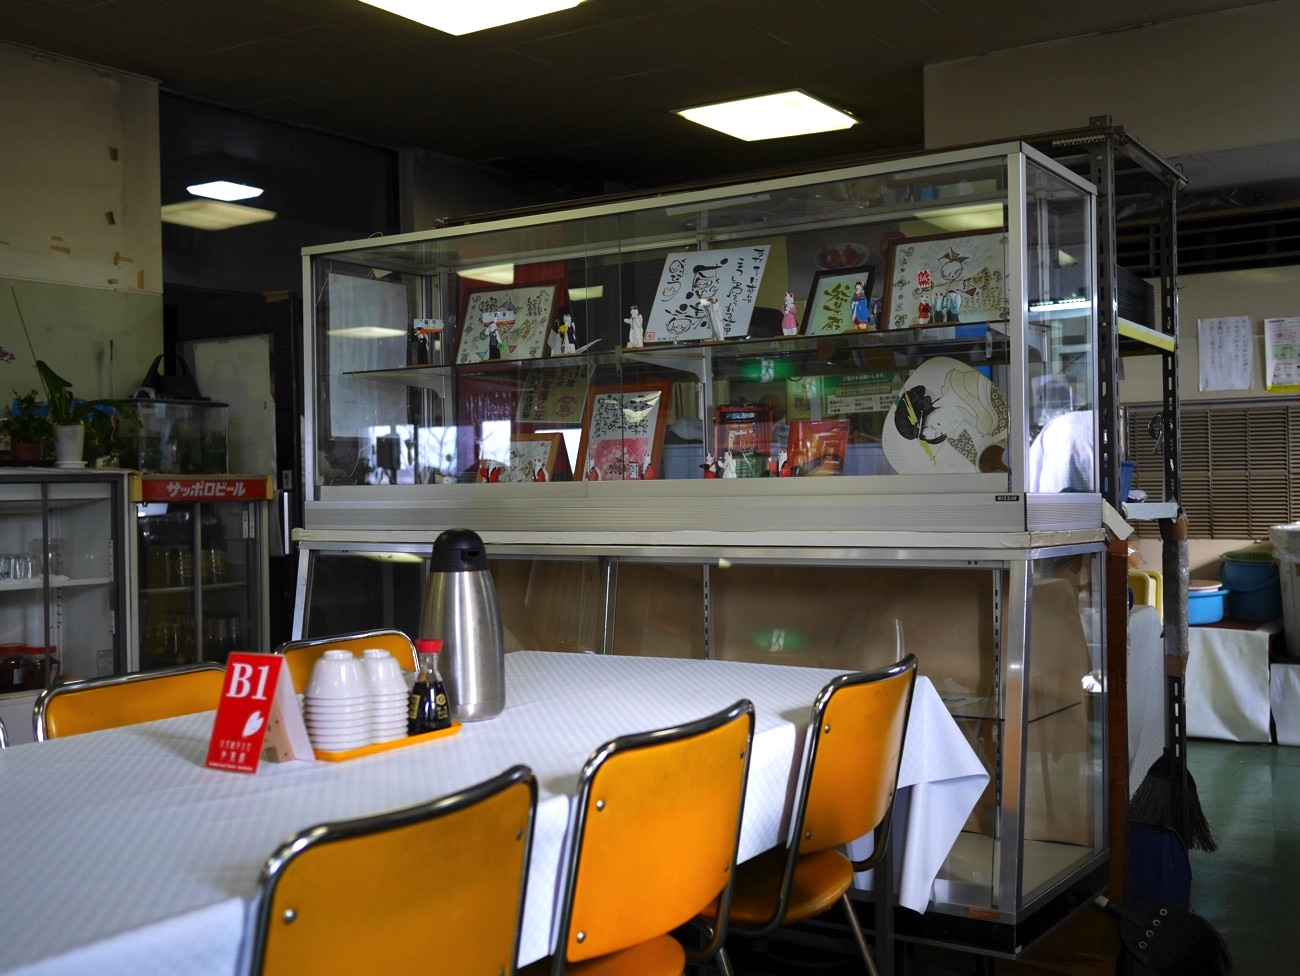 食堂の雰囲気